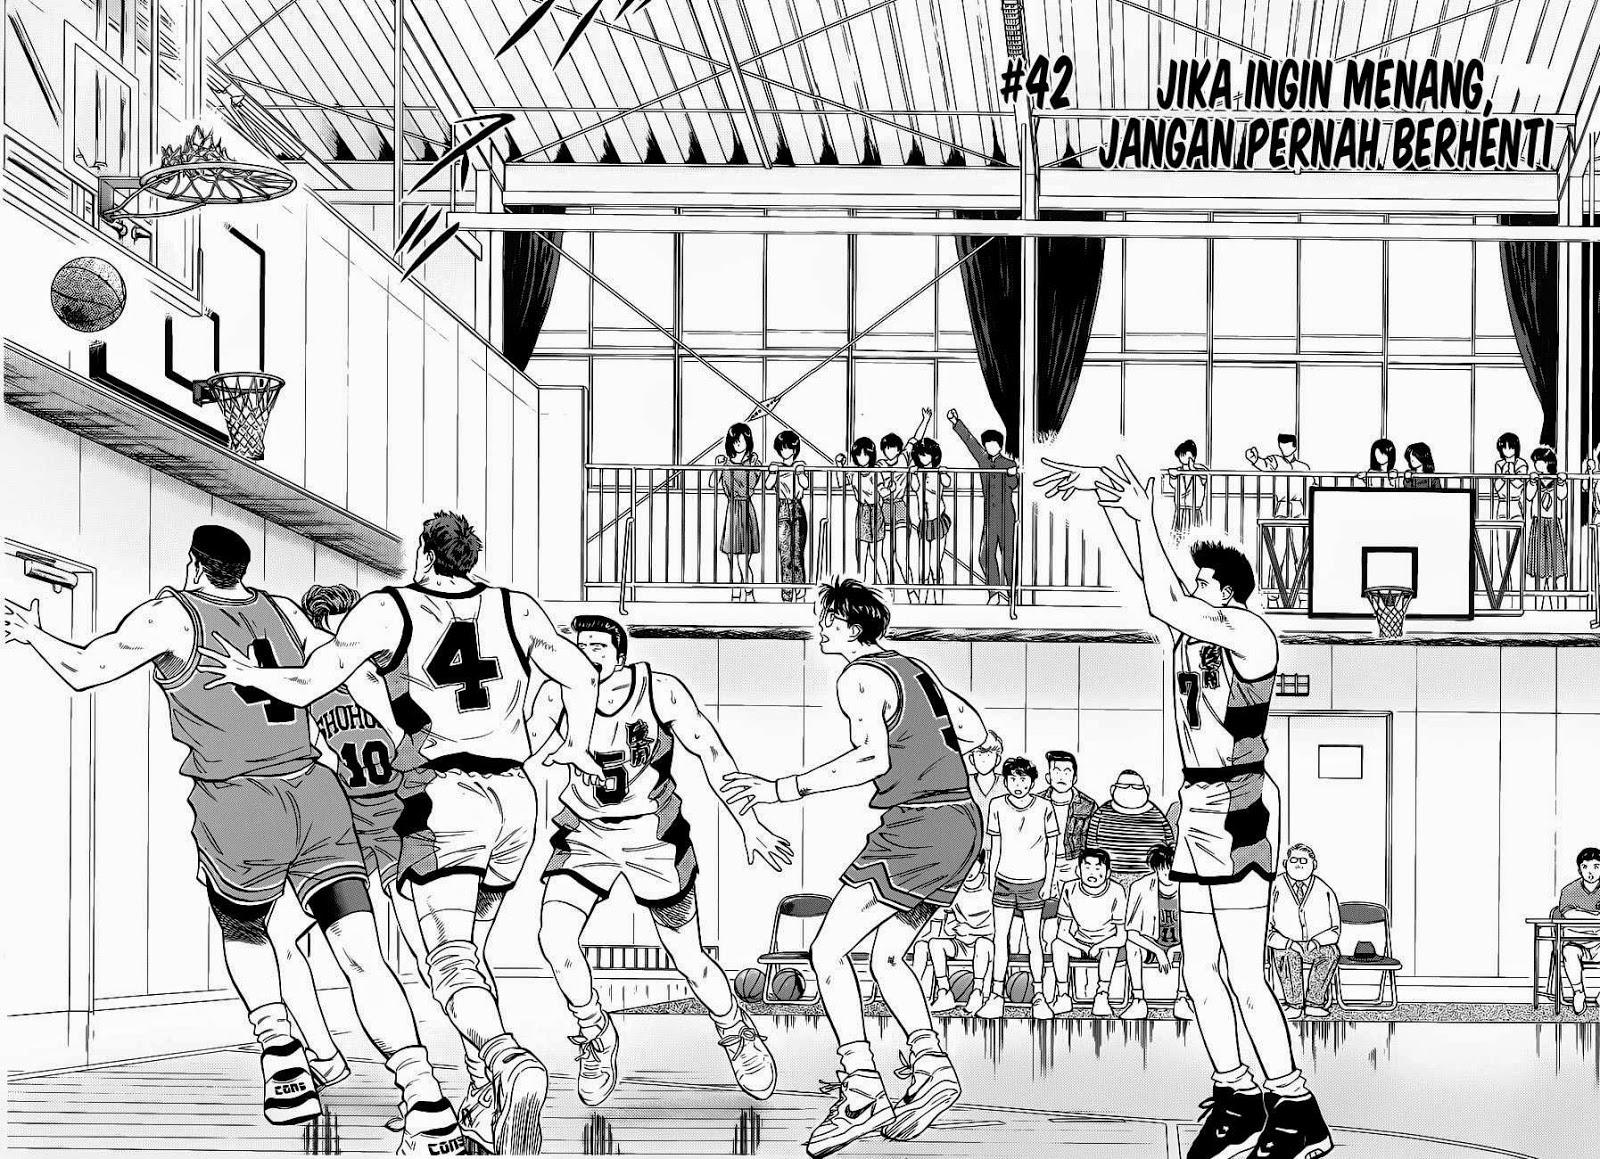 Dilarang COPAS - situs resmi www.mangacanblog.com - Komik slam dunk 042 - jika ingin menang jangan pernah berhenti 43 Indonesia slam dunk 042 - jika ingin menang jangan pernah berhenti Terbaru 2|Baca Manga Komik Indonesia|Mangacan